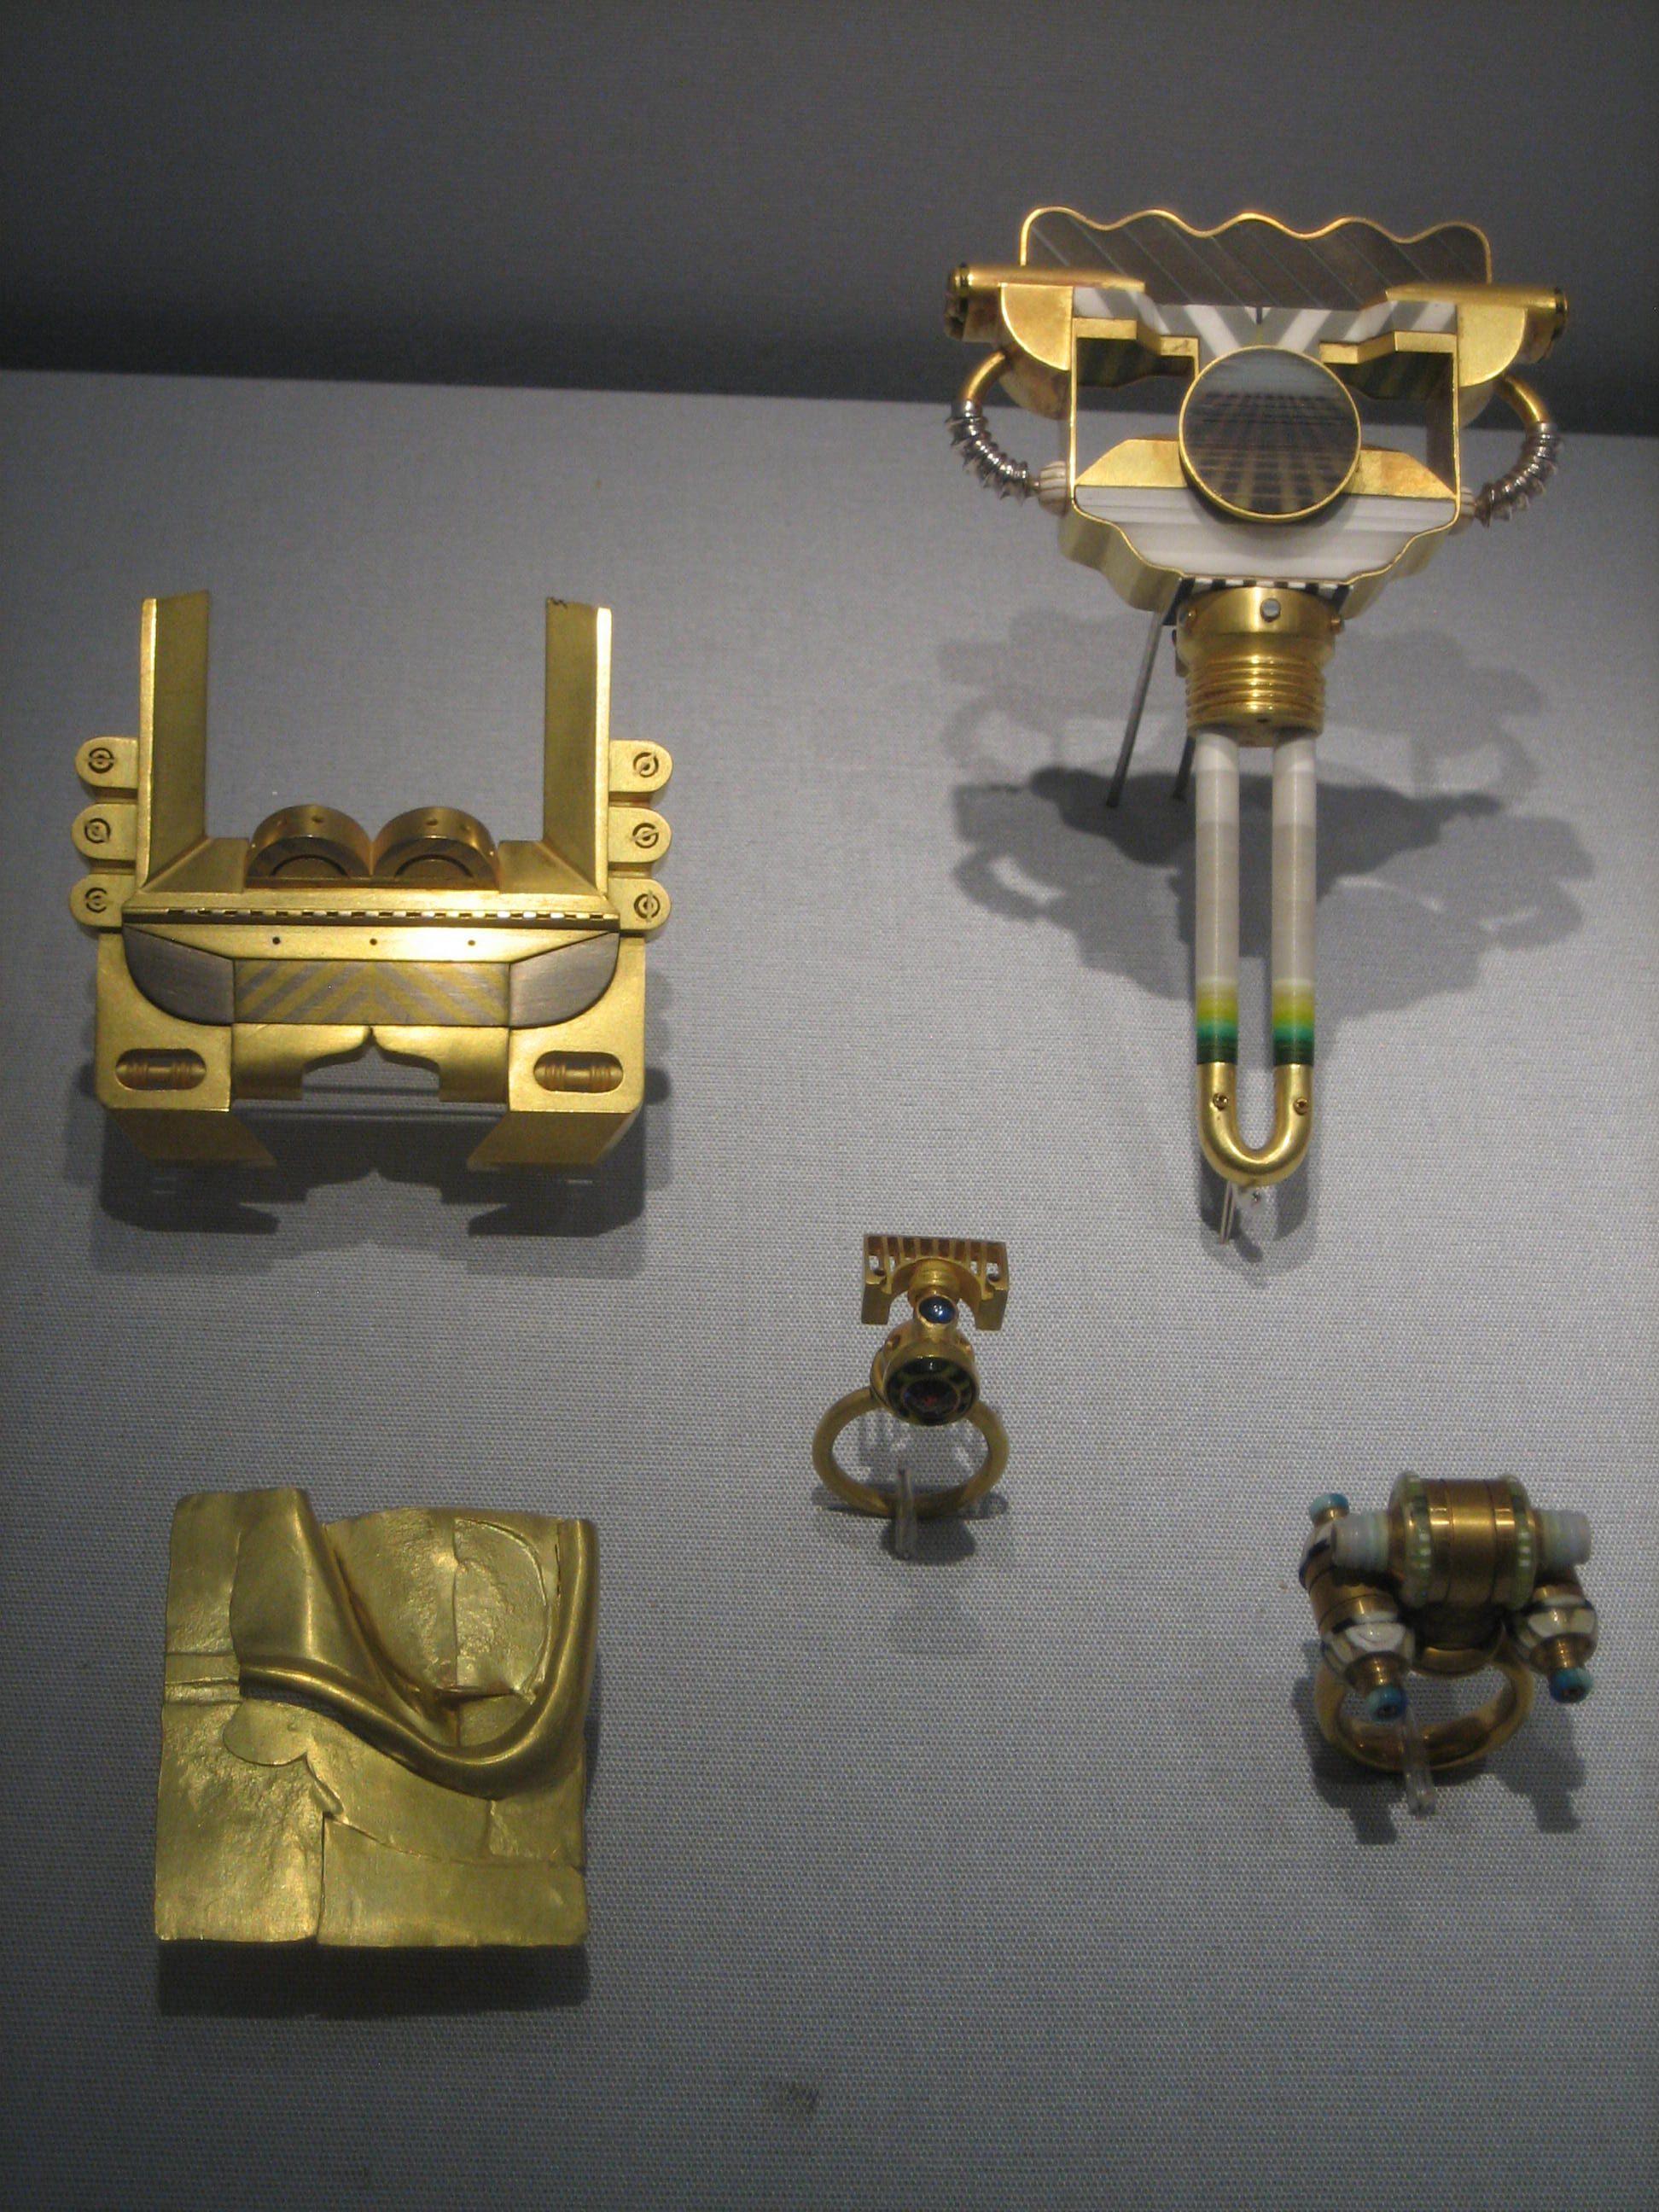 Claus Bury, sieraden, 1967-1978. Collectie Schmuckmuseum Pforzheim. Foto Coert Peter Krabbe, mei 2019, goud, acryl, toermalijn, koper